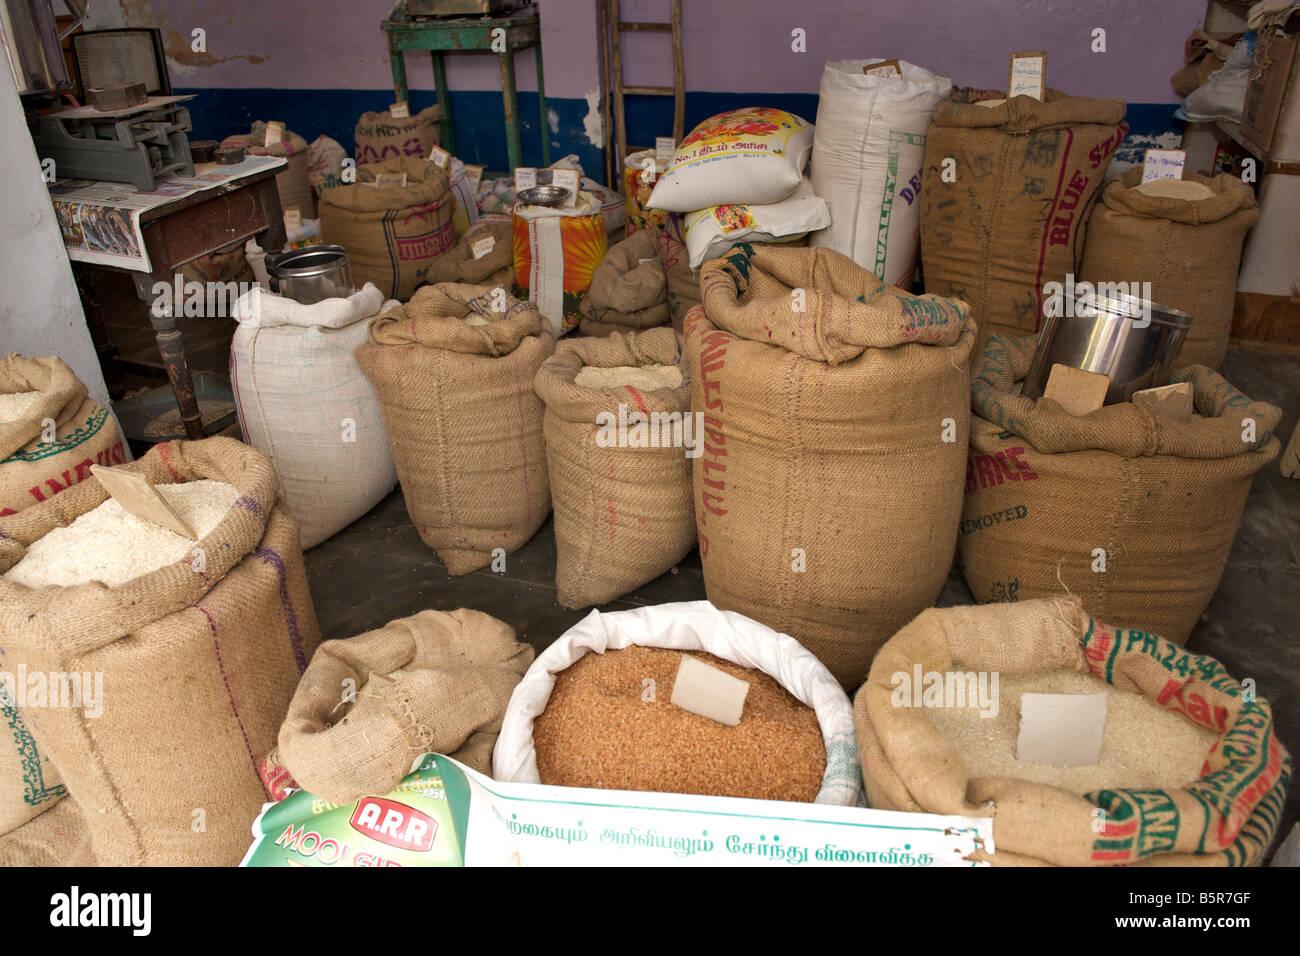 Le riz et le millet (ragi) pour la vente dans un magasin de Pondichéry en Inde. Photo Stock